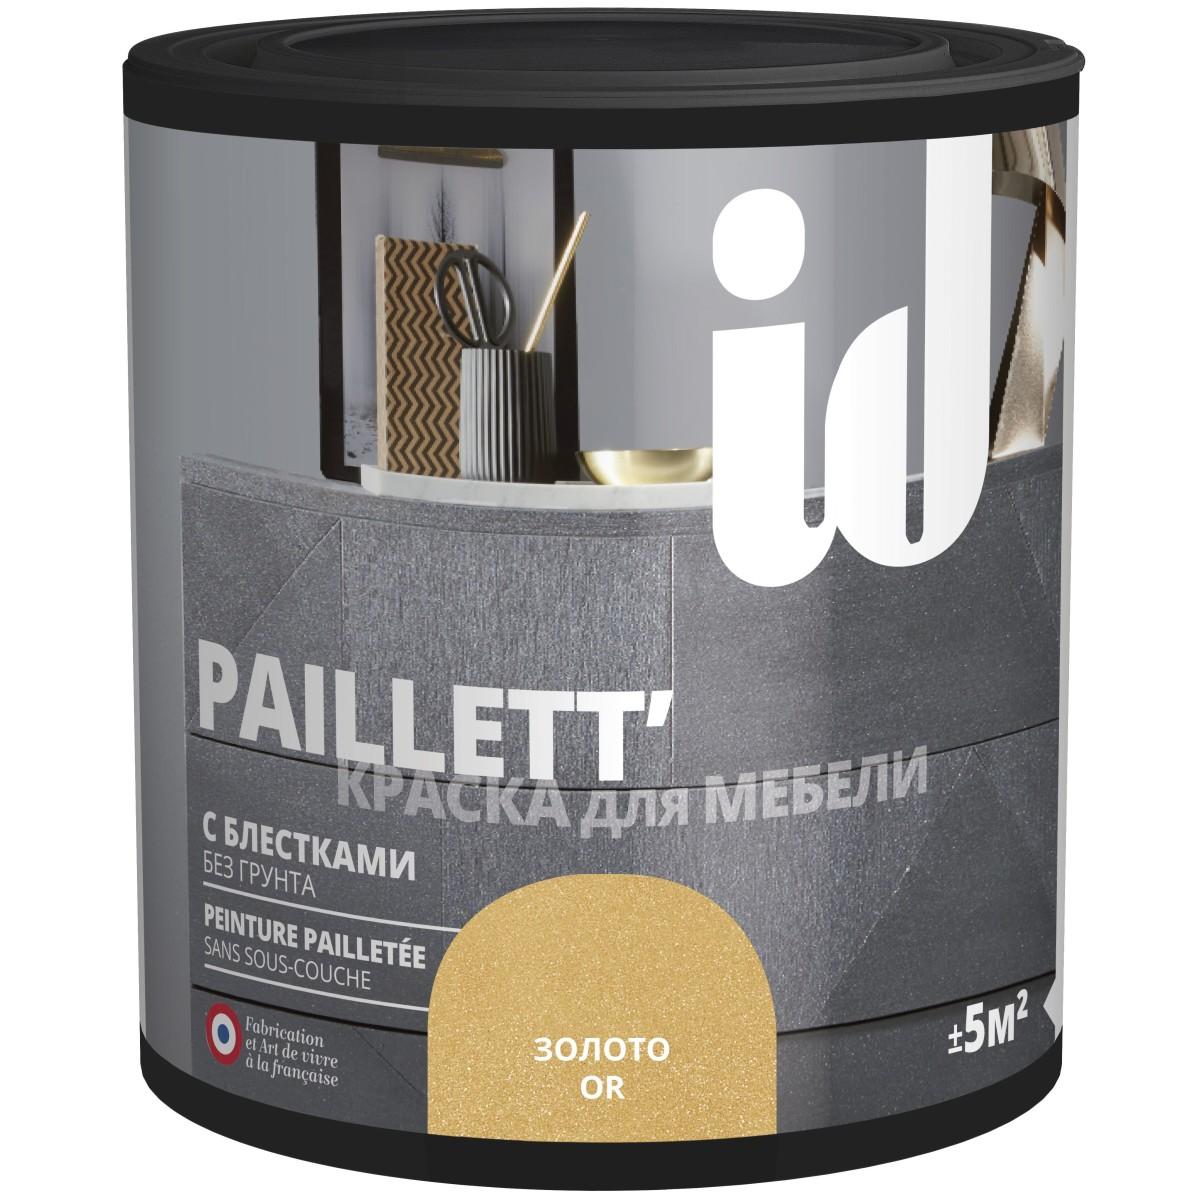 Краска для мебели ID Paillett цвет золото 0.5 л